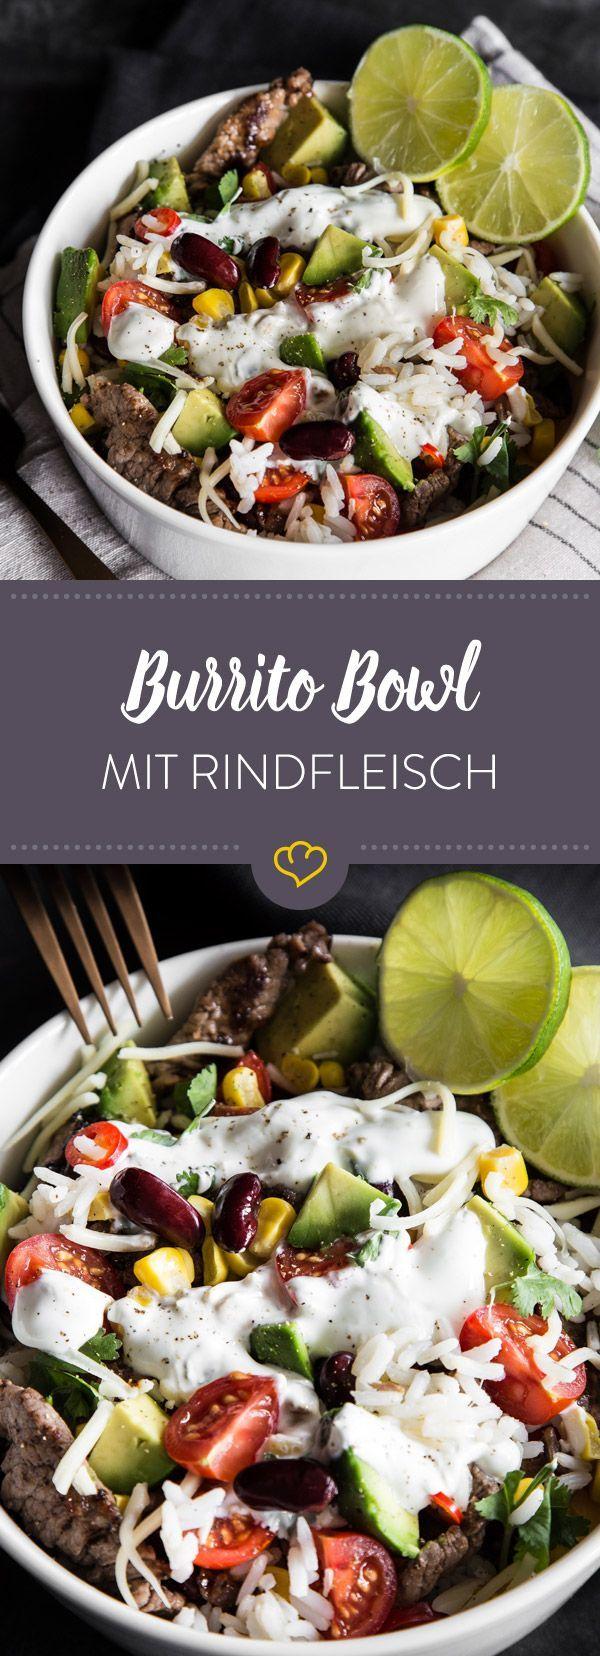 In diese köstliche Burrito-Bowl kommen zu den zarten Rinderstreifen noch Reis, Mais, Avocado, Bohnen, Tomaten und ein frisches Joghurt-Limetten-Dressing.